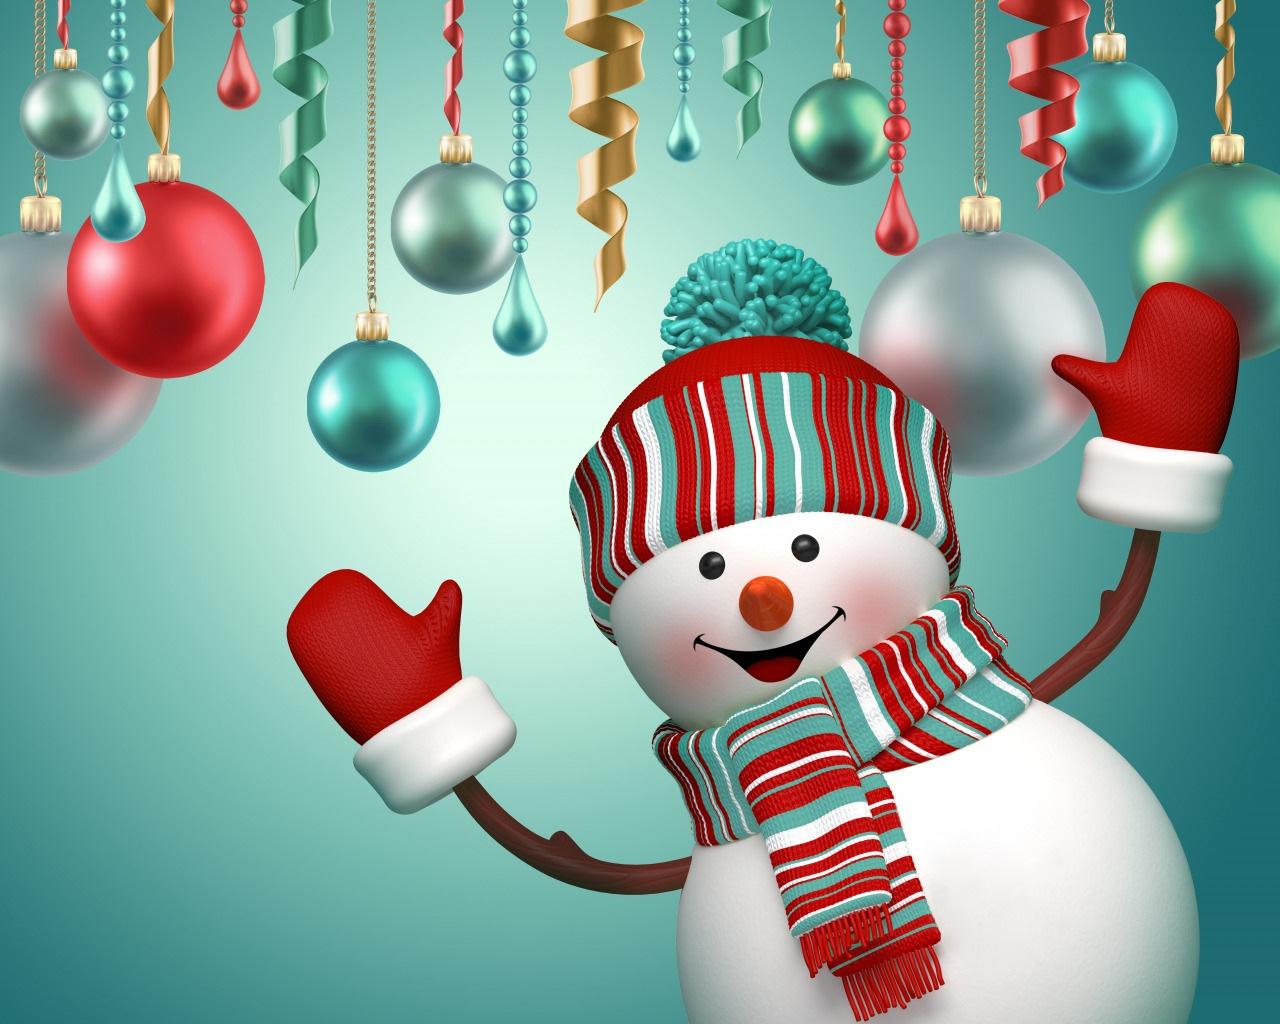 Смешных зверюшек, новый год веселые картинки с 3 января